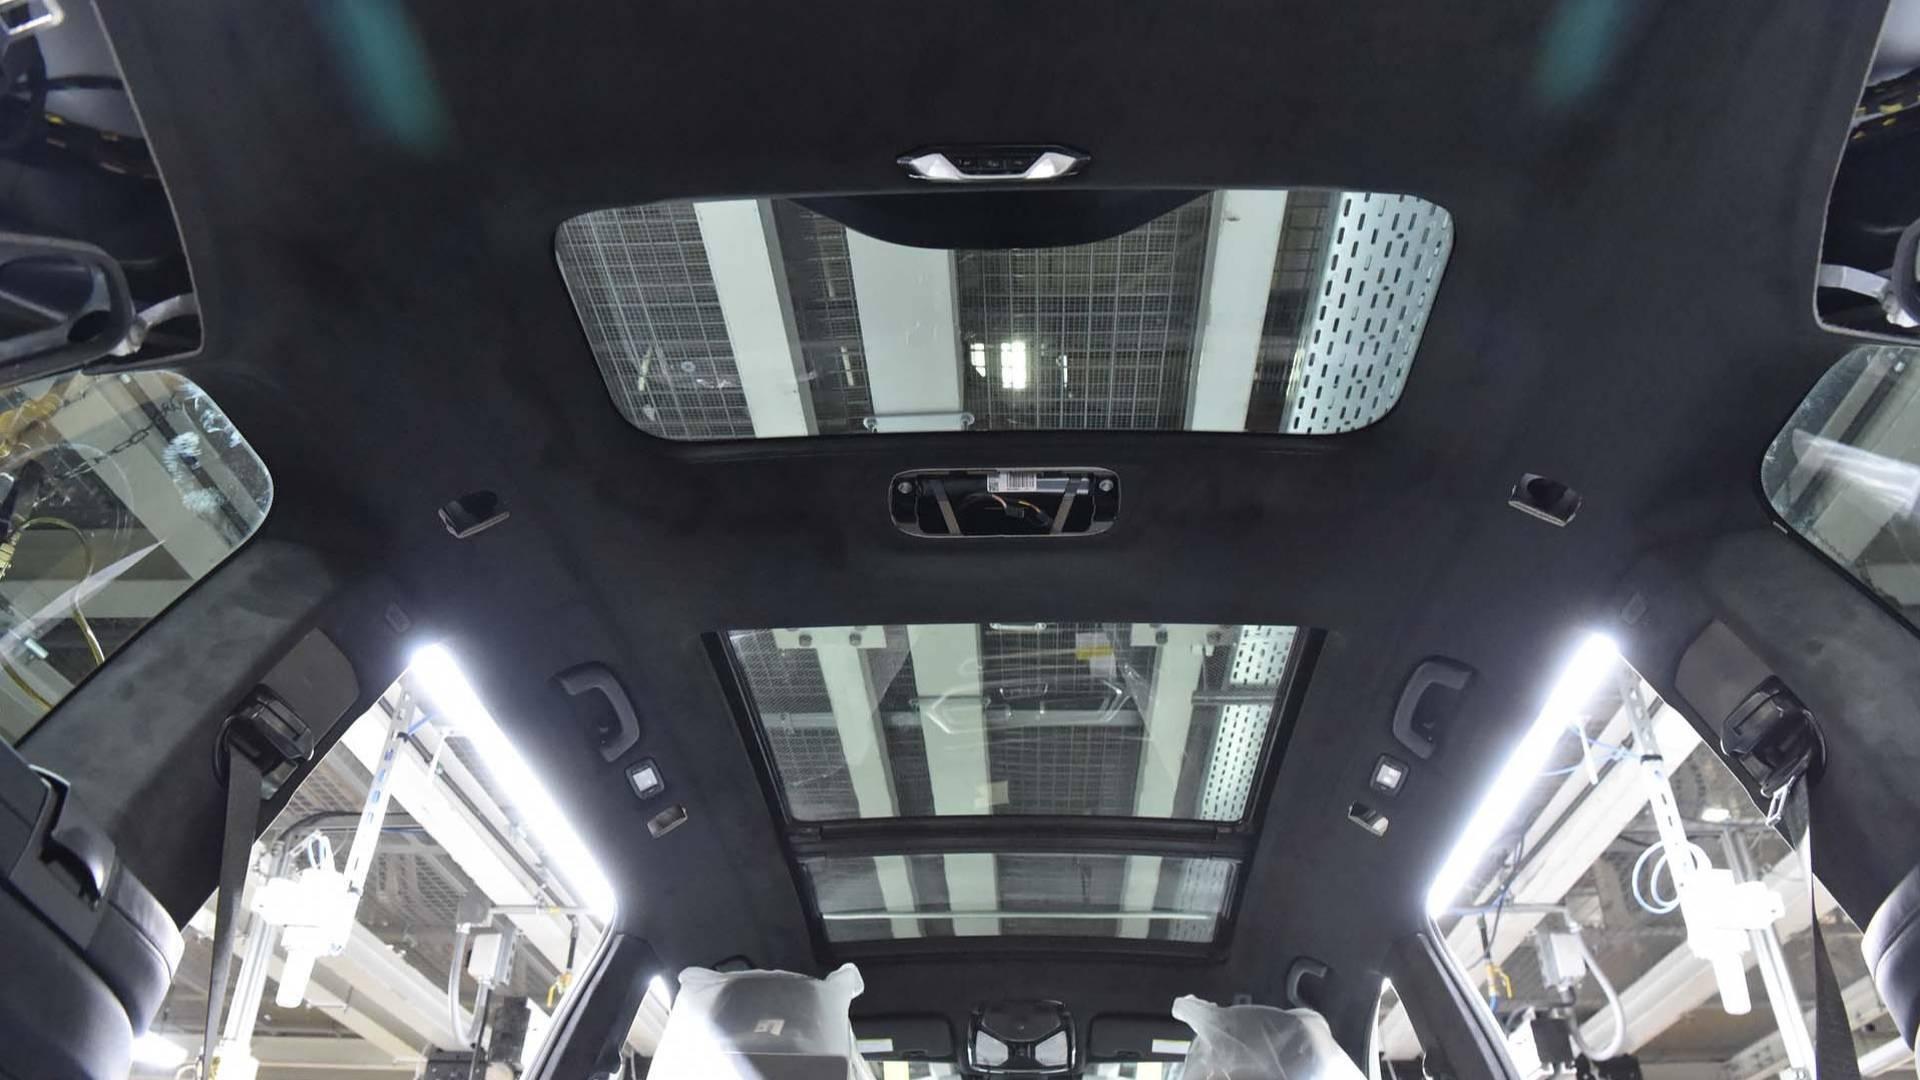 BMW X7. Foto: Divulgação